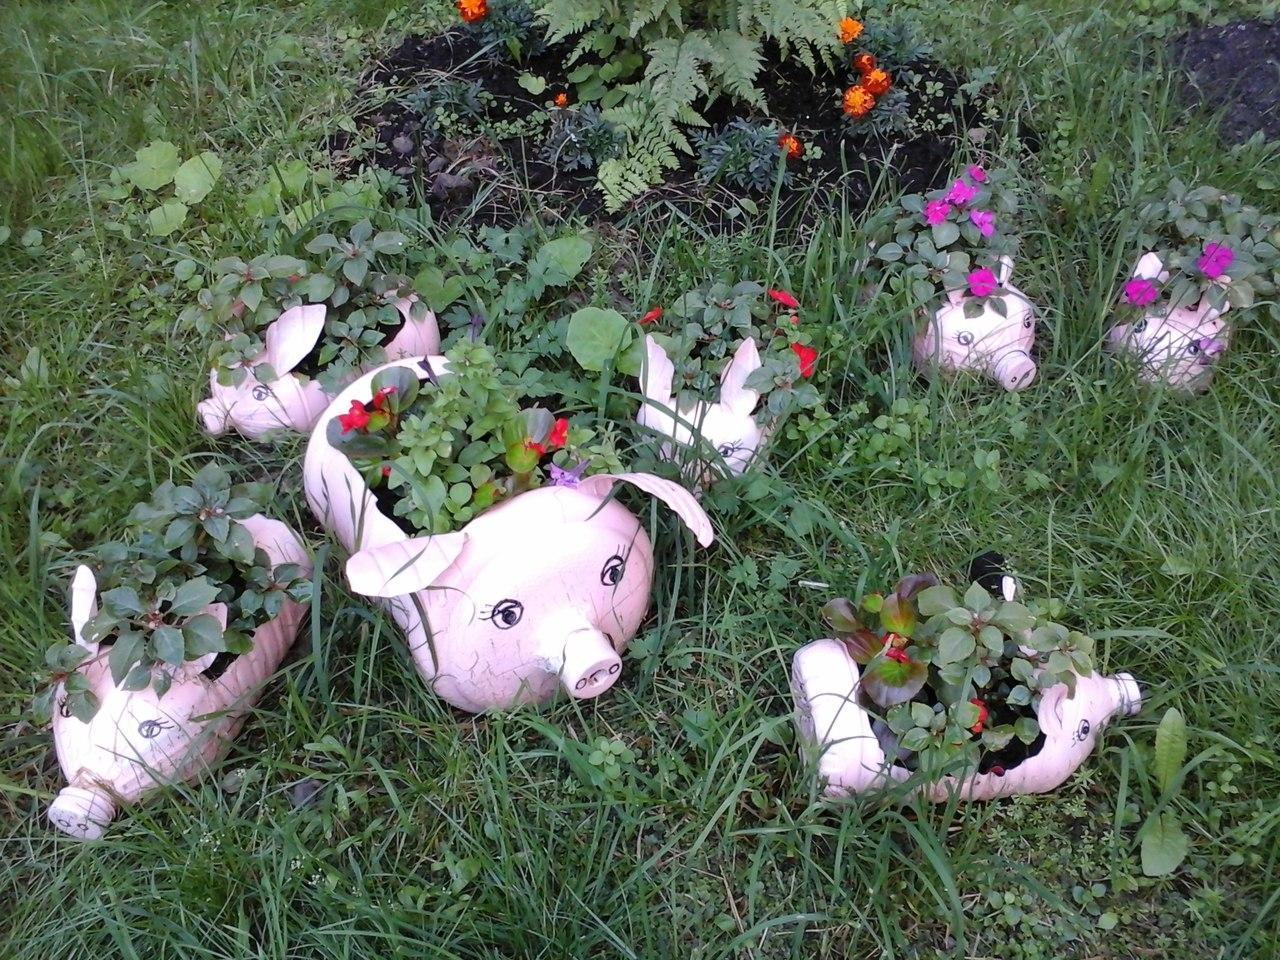 ιδέες_για_να_διακοσμήσεις_το_παρτέρι_του_κηπου_